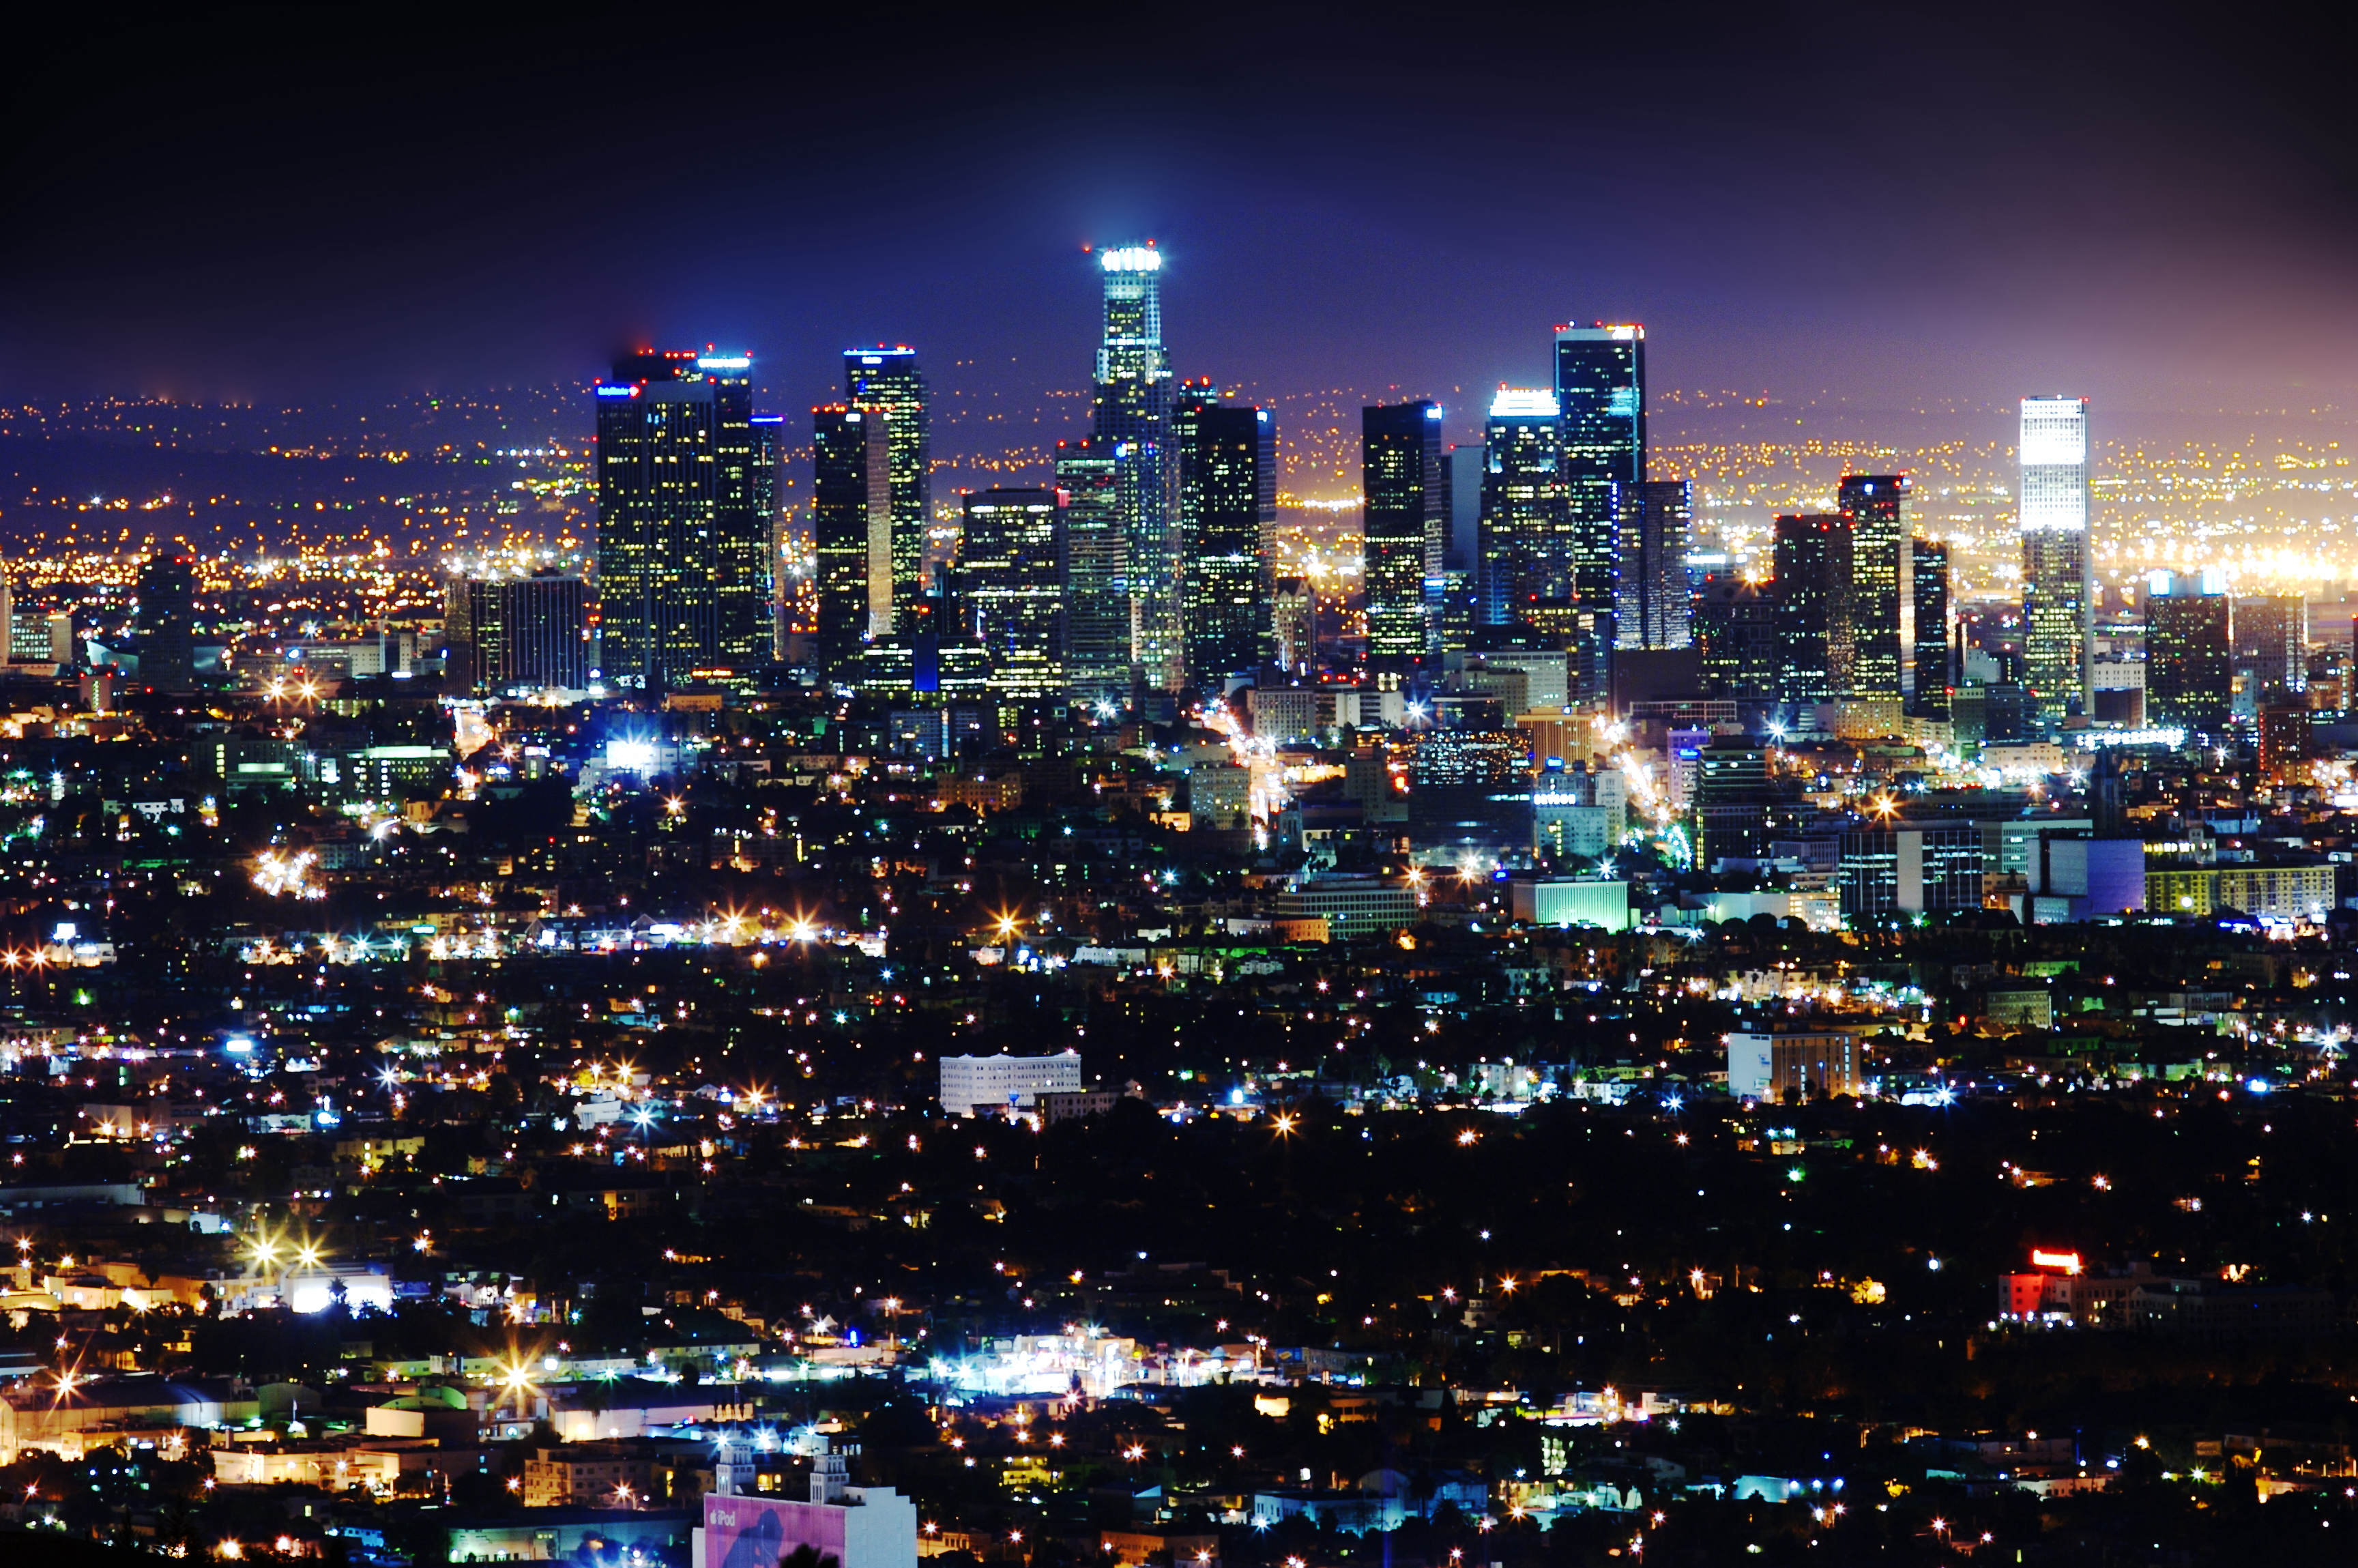 飞利浦照明:可持续发展 势在必行的全球化行动